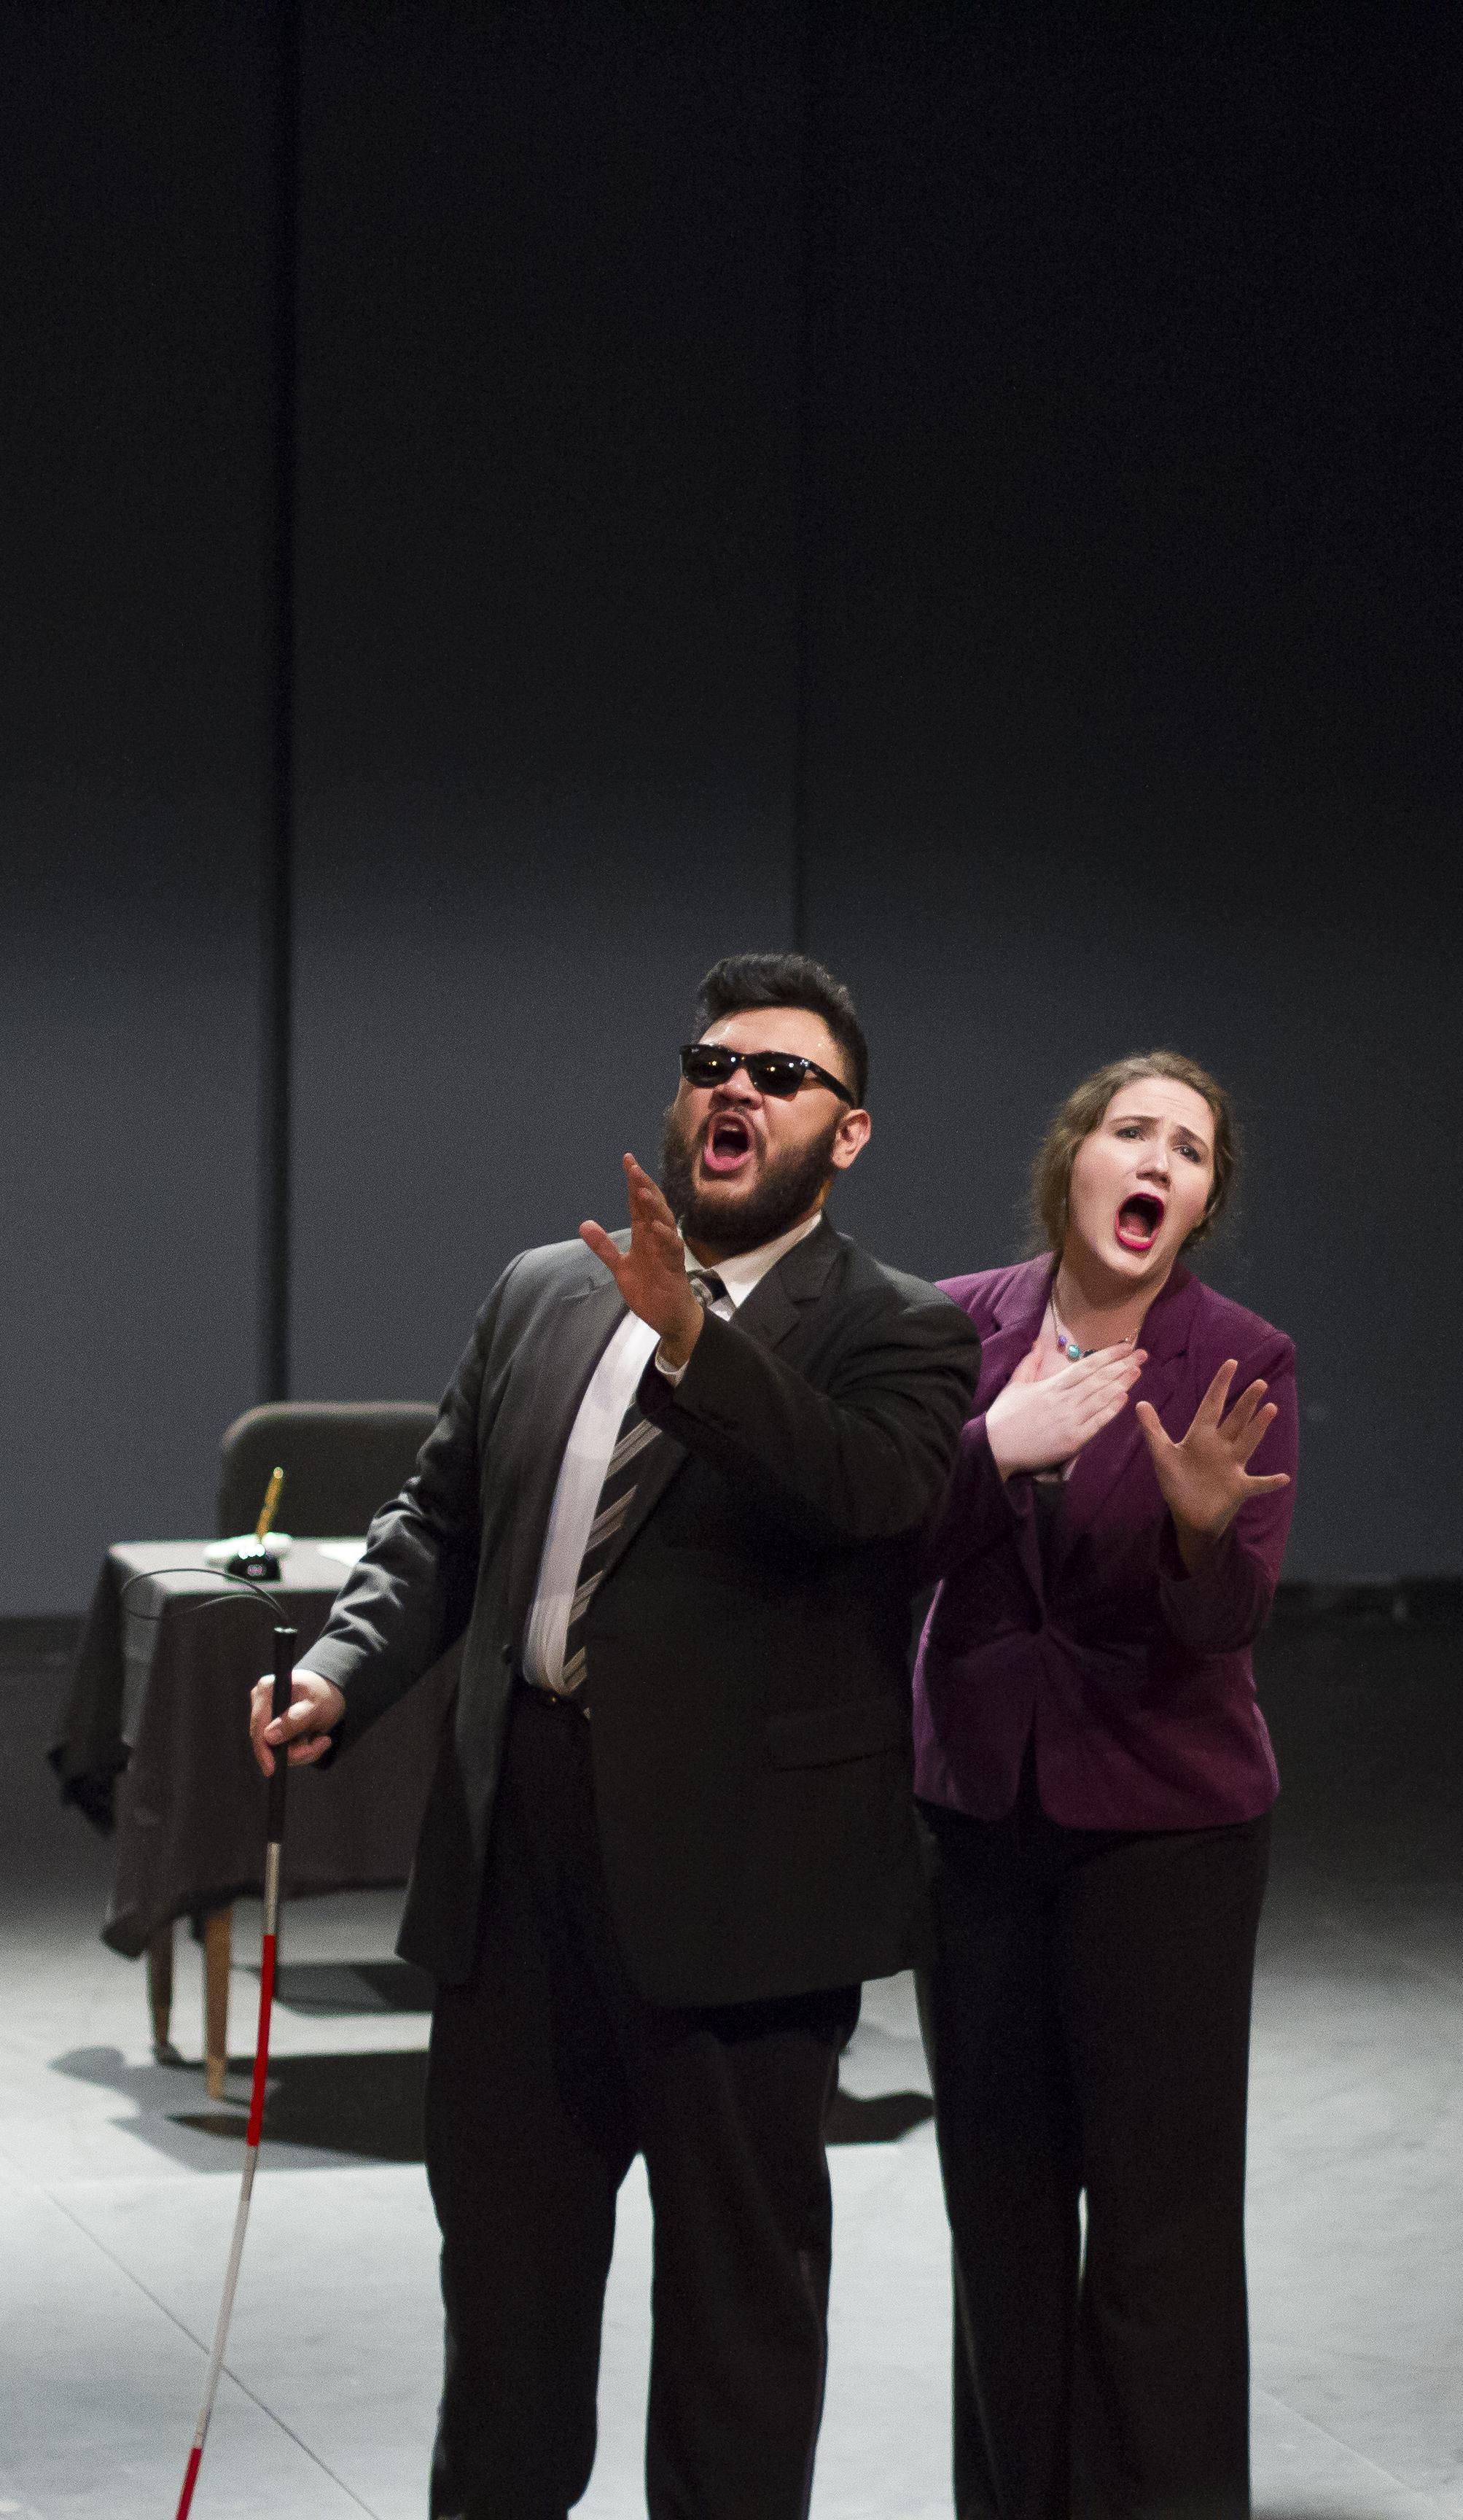 Mike Lala Joshua Getman Oedipus in the District Juilliard 2018 4.jpg